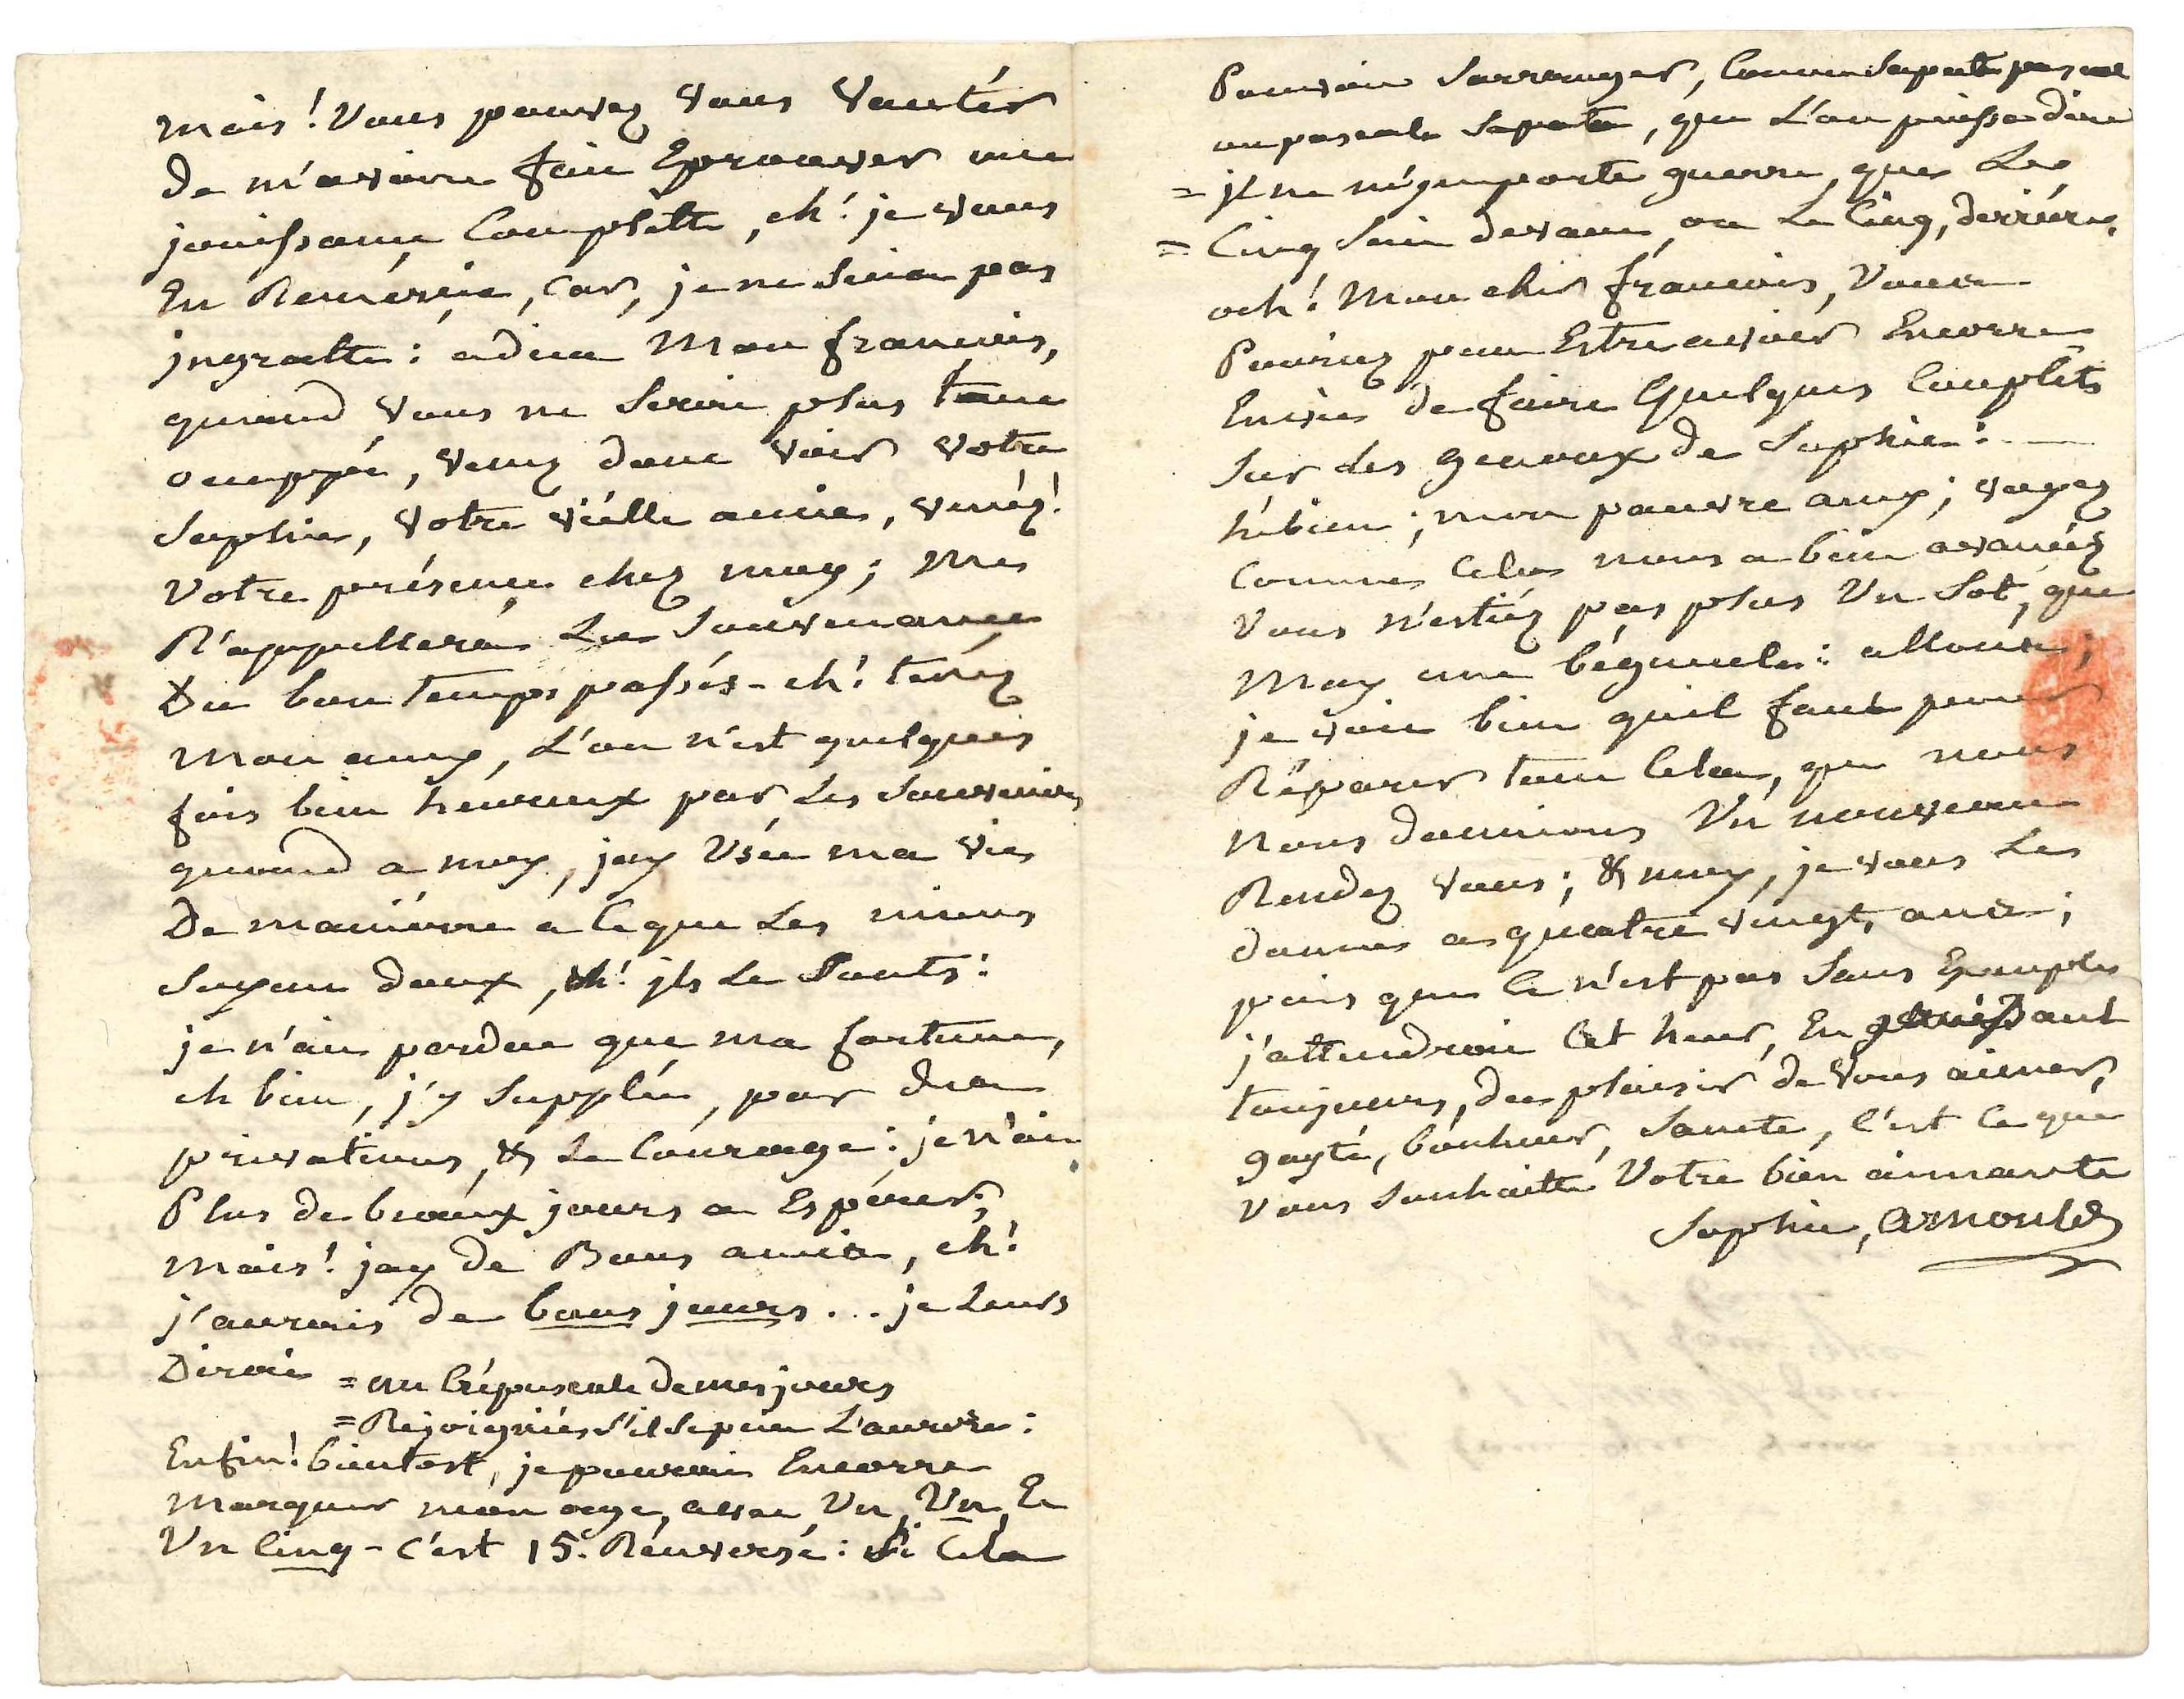 011. Sophie ARNOULD (1744-1803) cantatrice, interprète de Gluck dont elle créa l'Eurydice et Iphigénie en Aulide. Image